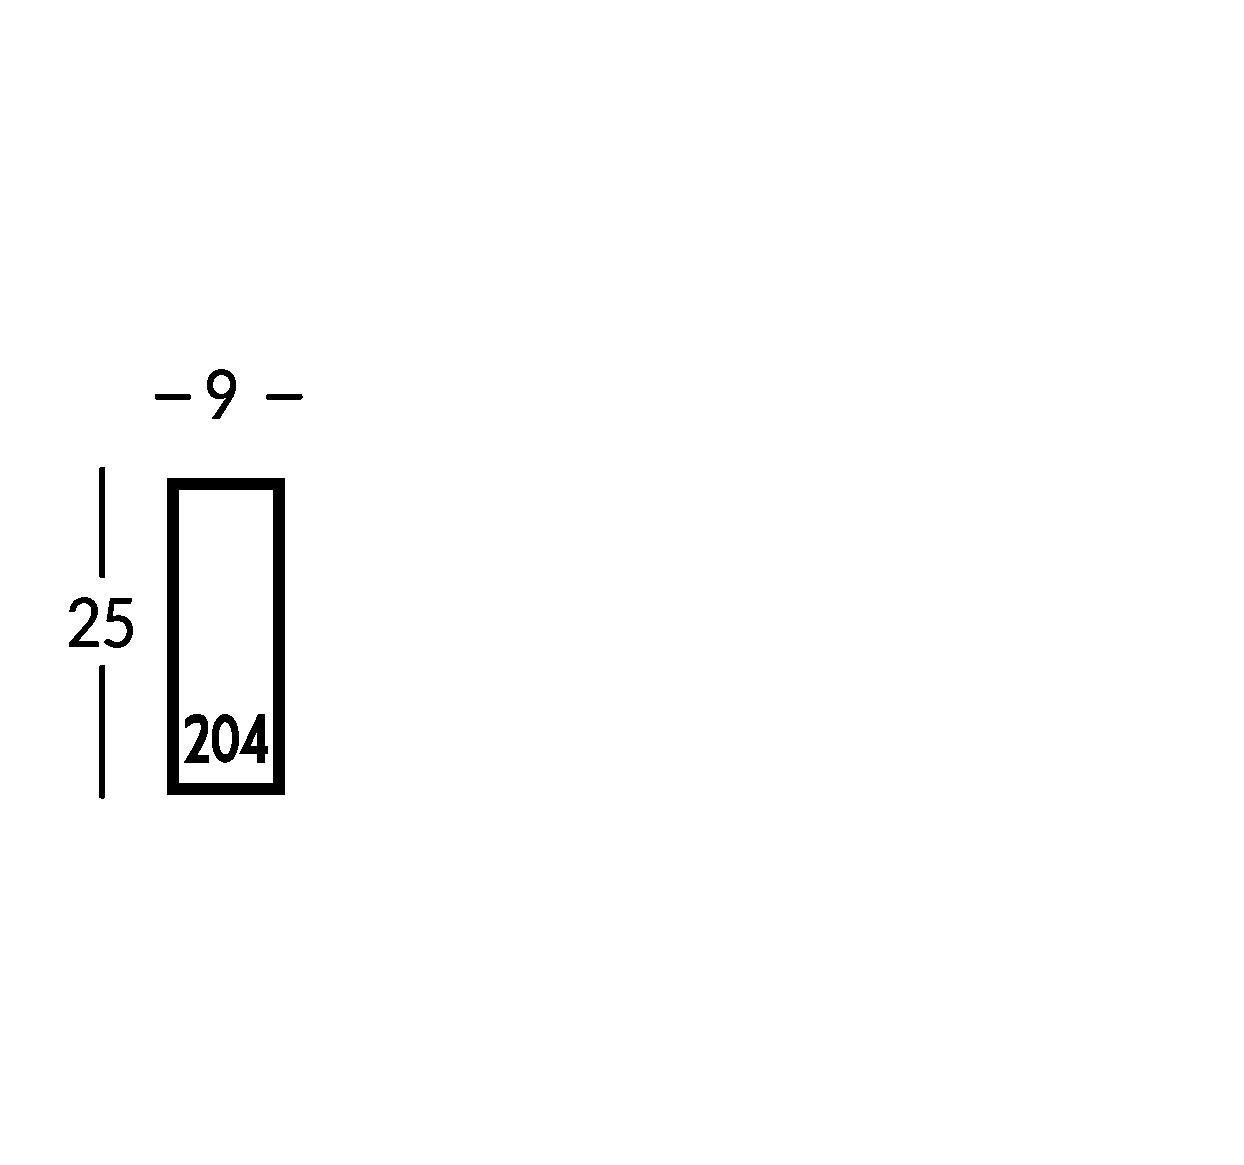 Señalética en plexiglas blanco o negro. Placa de aluminio o latón cepillado con letras de plexiglas